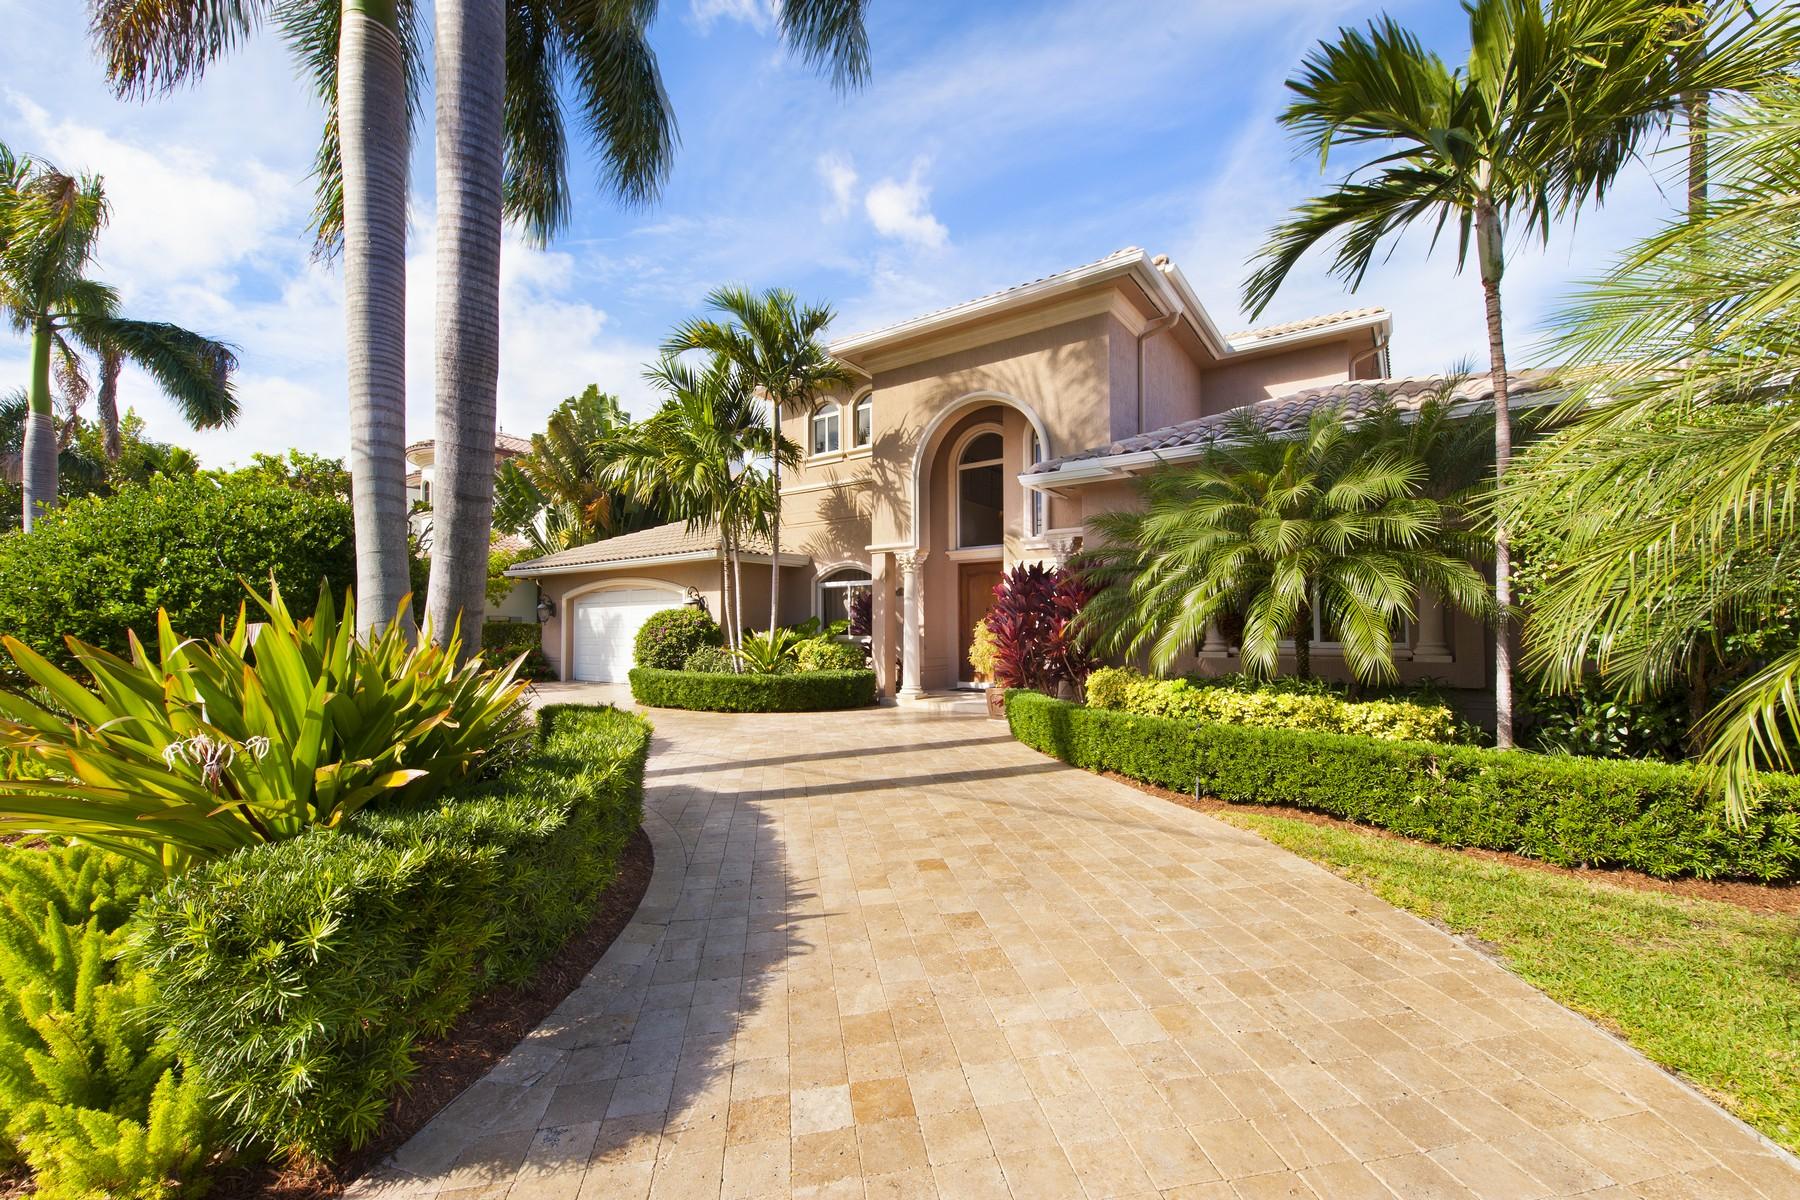 一戸建て のために 売買 アット 3061 NE 45 ST Fort Lauderdale, フロリダ, 33308 アメリカ合衆国